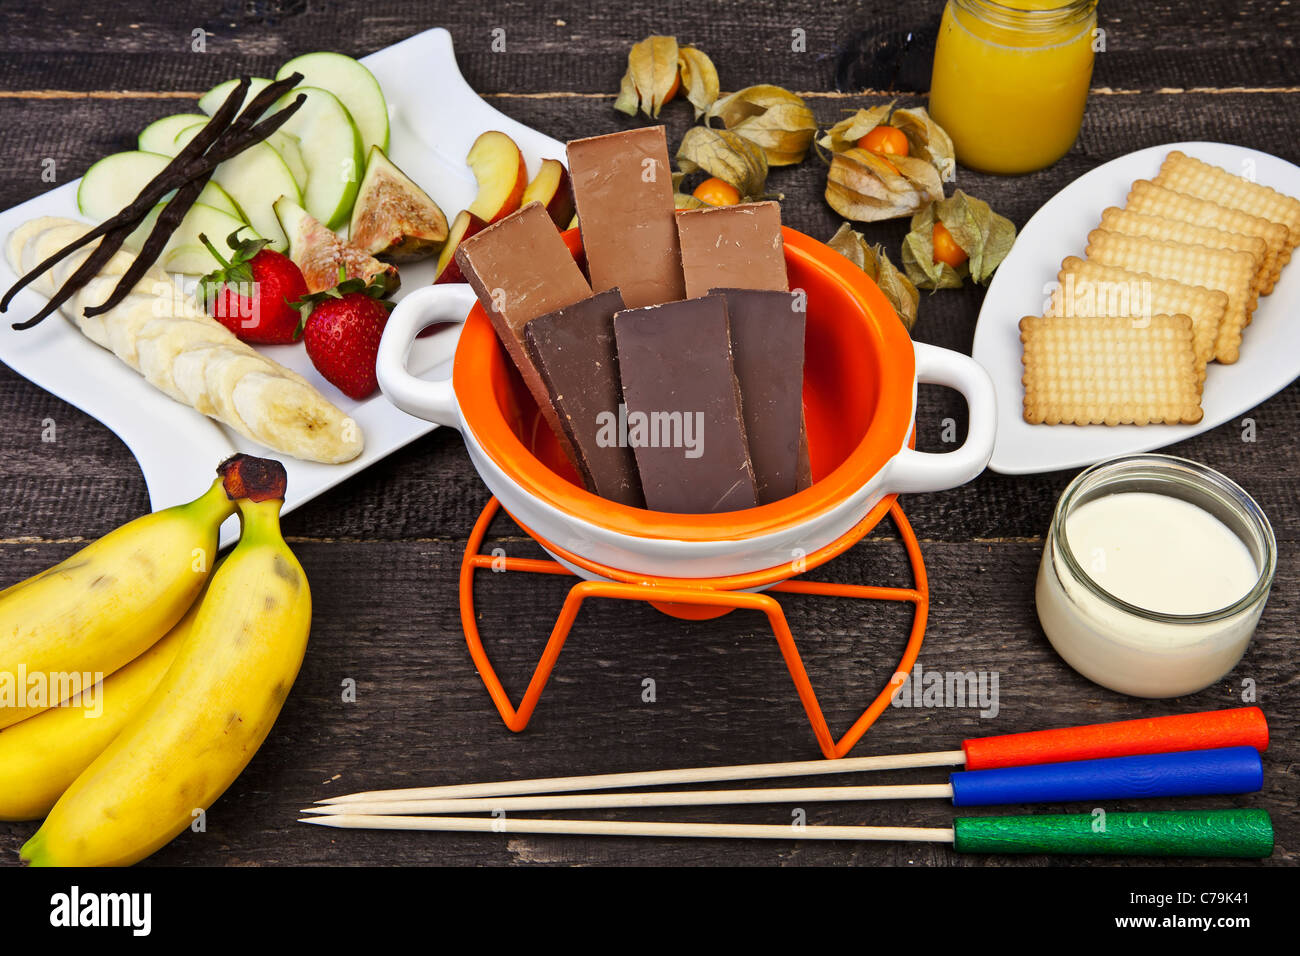 Des ingrédients frais pour une fondue au chocolat suisse typique avec des fruits et des biscuits Photo Stock